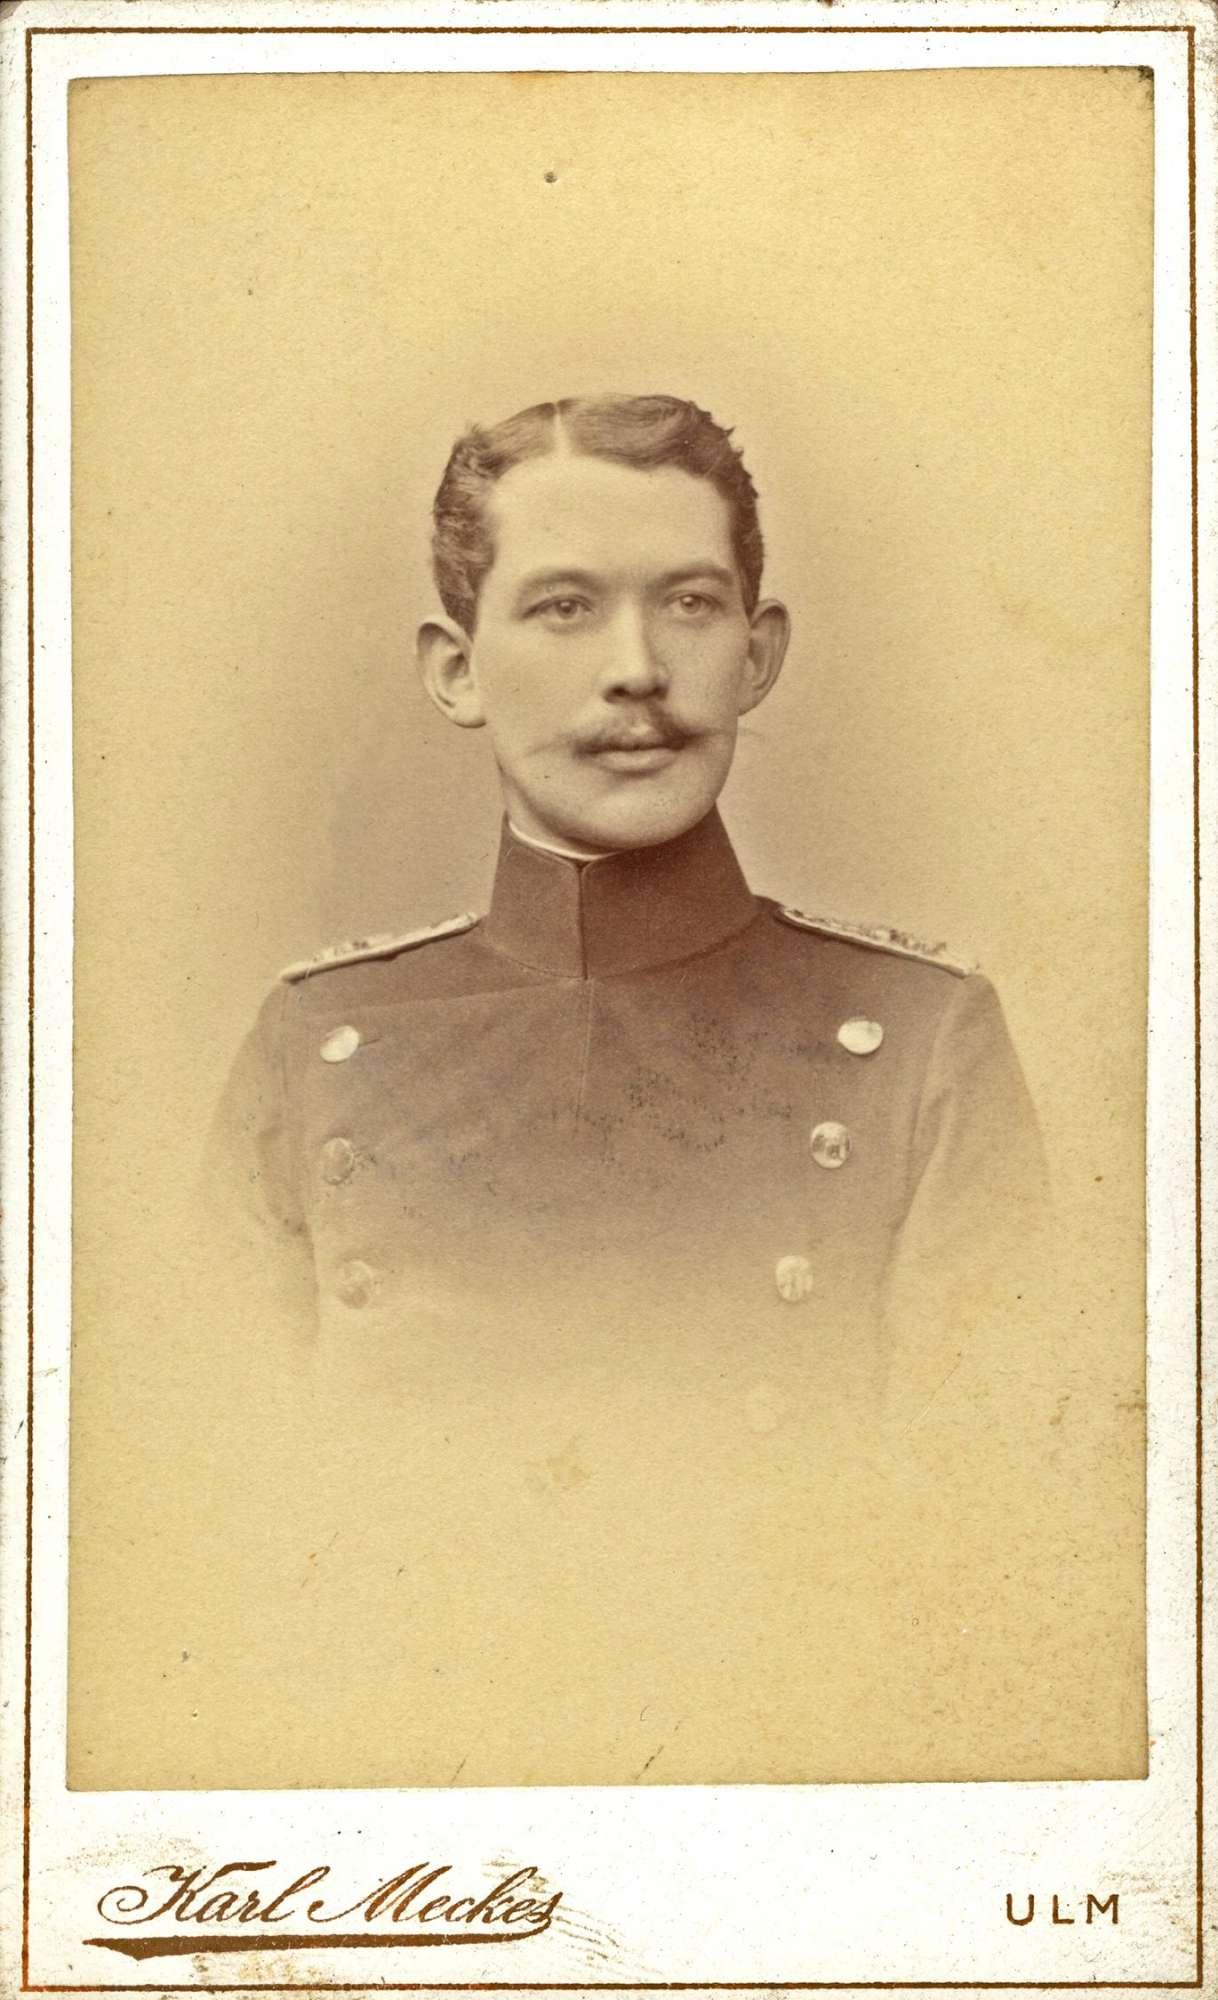 Herman, Friedrich von, Freiherr, Bild 1